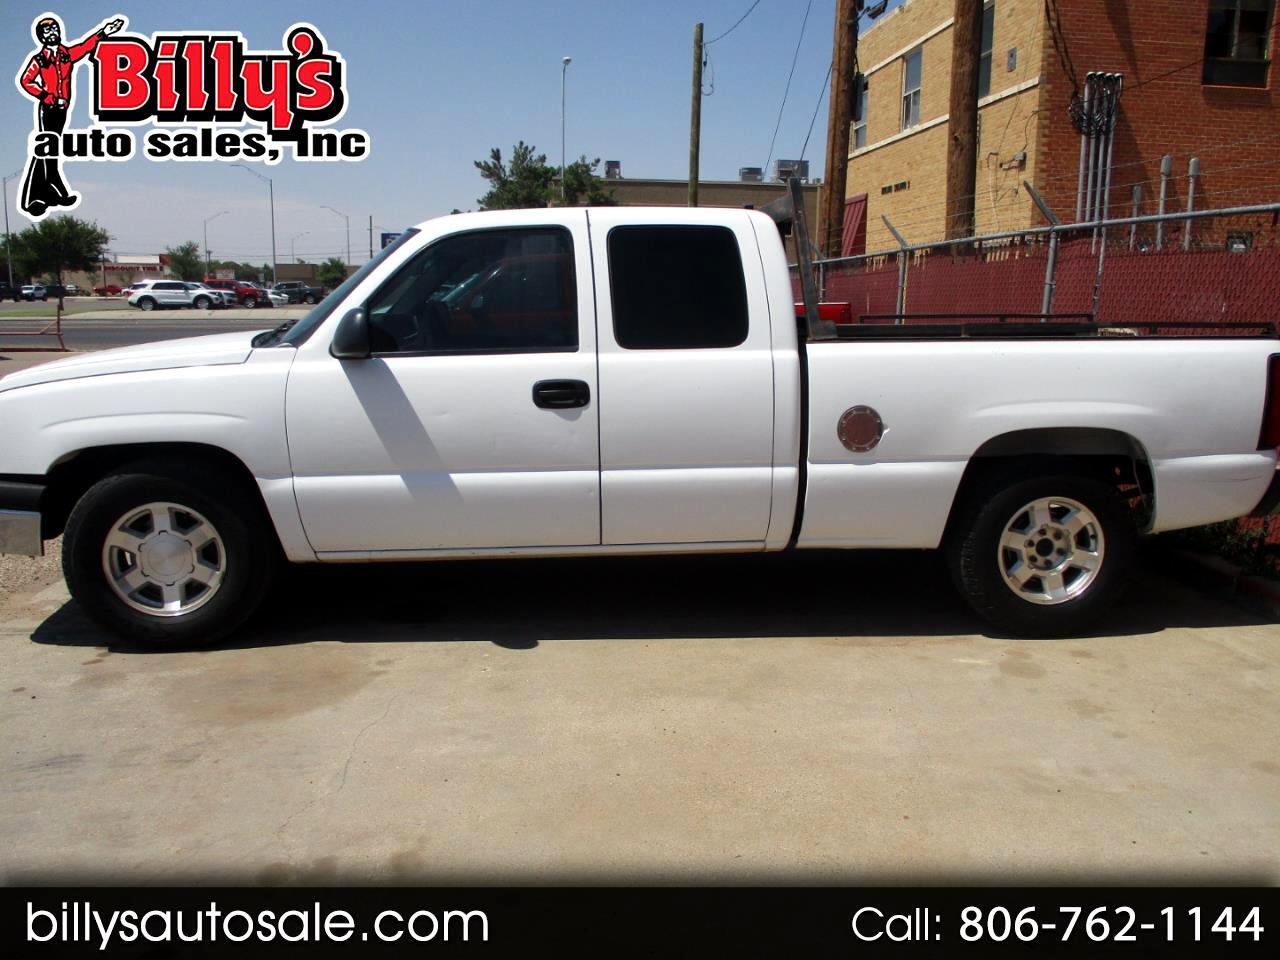 2005 Chevrolet Silverado 1500 Ext Cab 143.5